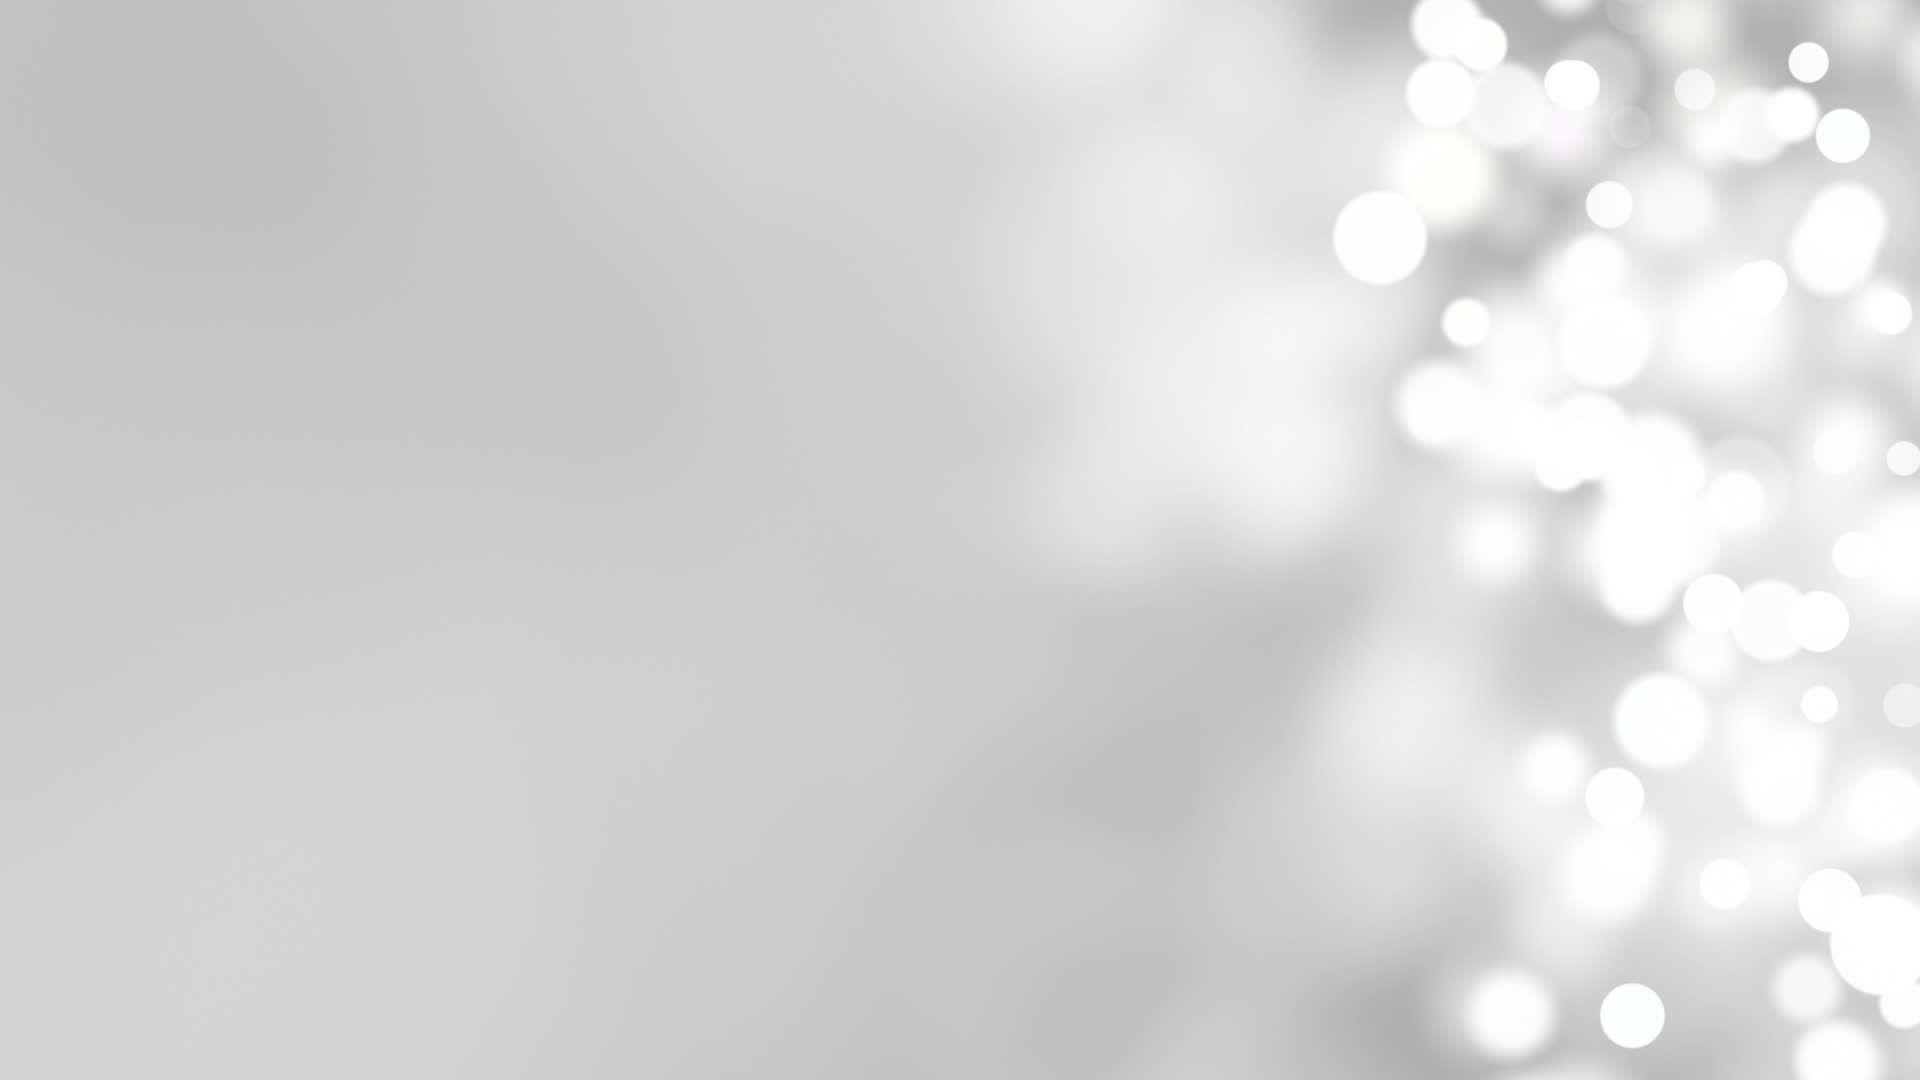 بالصور خلفية بيضاء ساده , اجمل الخلفيات البيضاء 6164 2